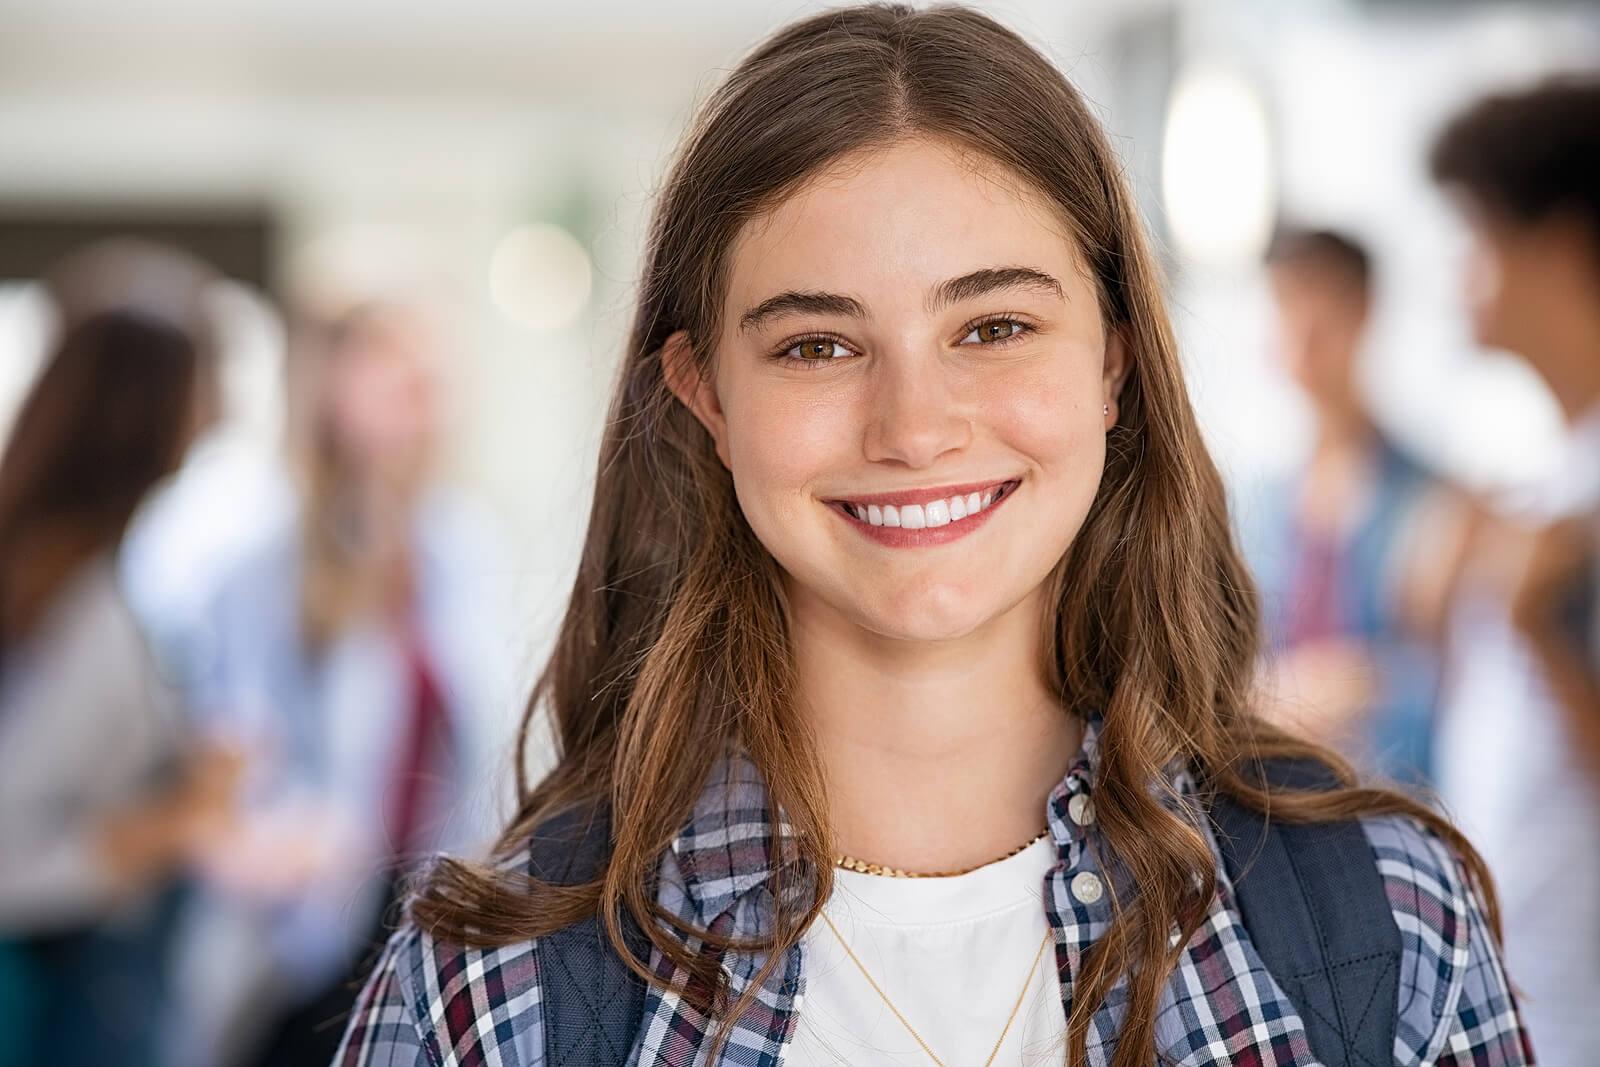 Chica adolescente en el instituo.